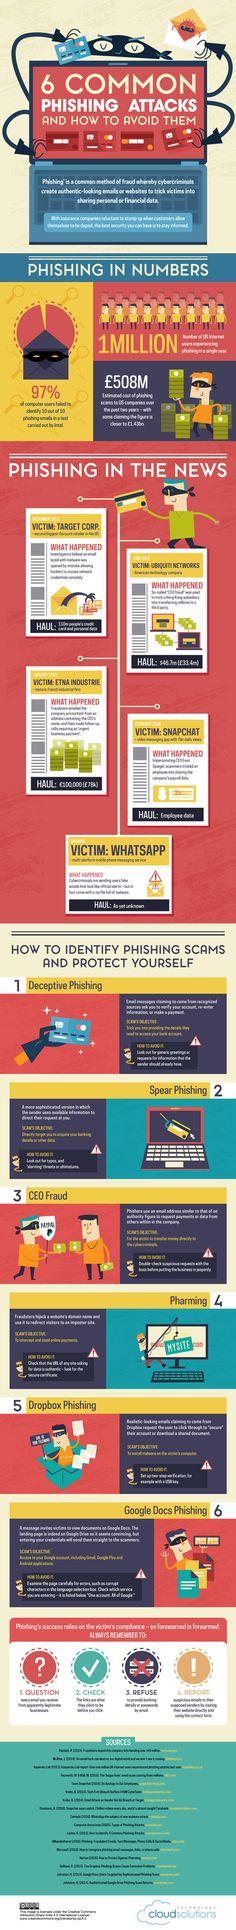 6 Common Phishing Attacks #Infographic